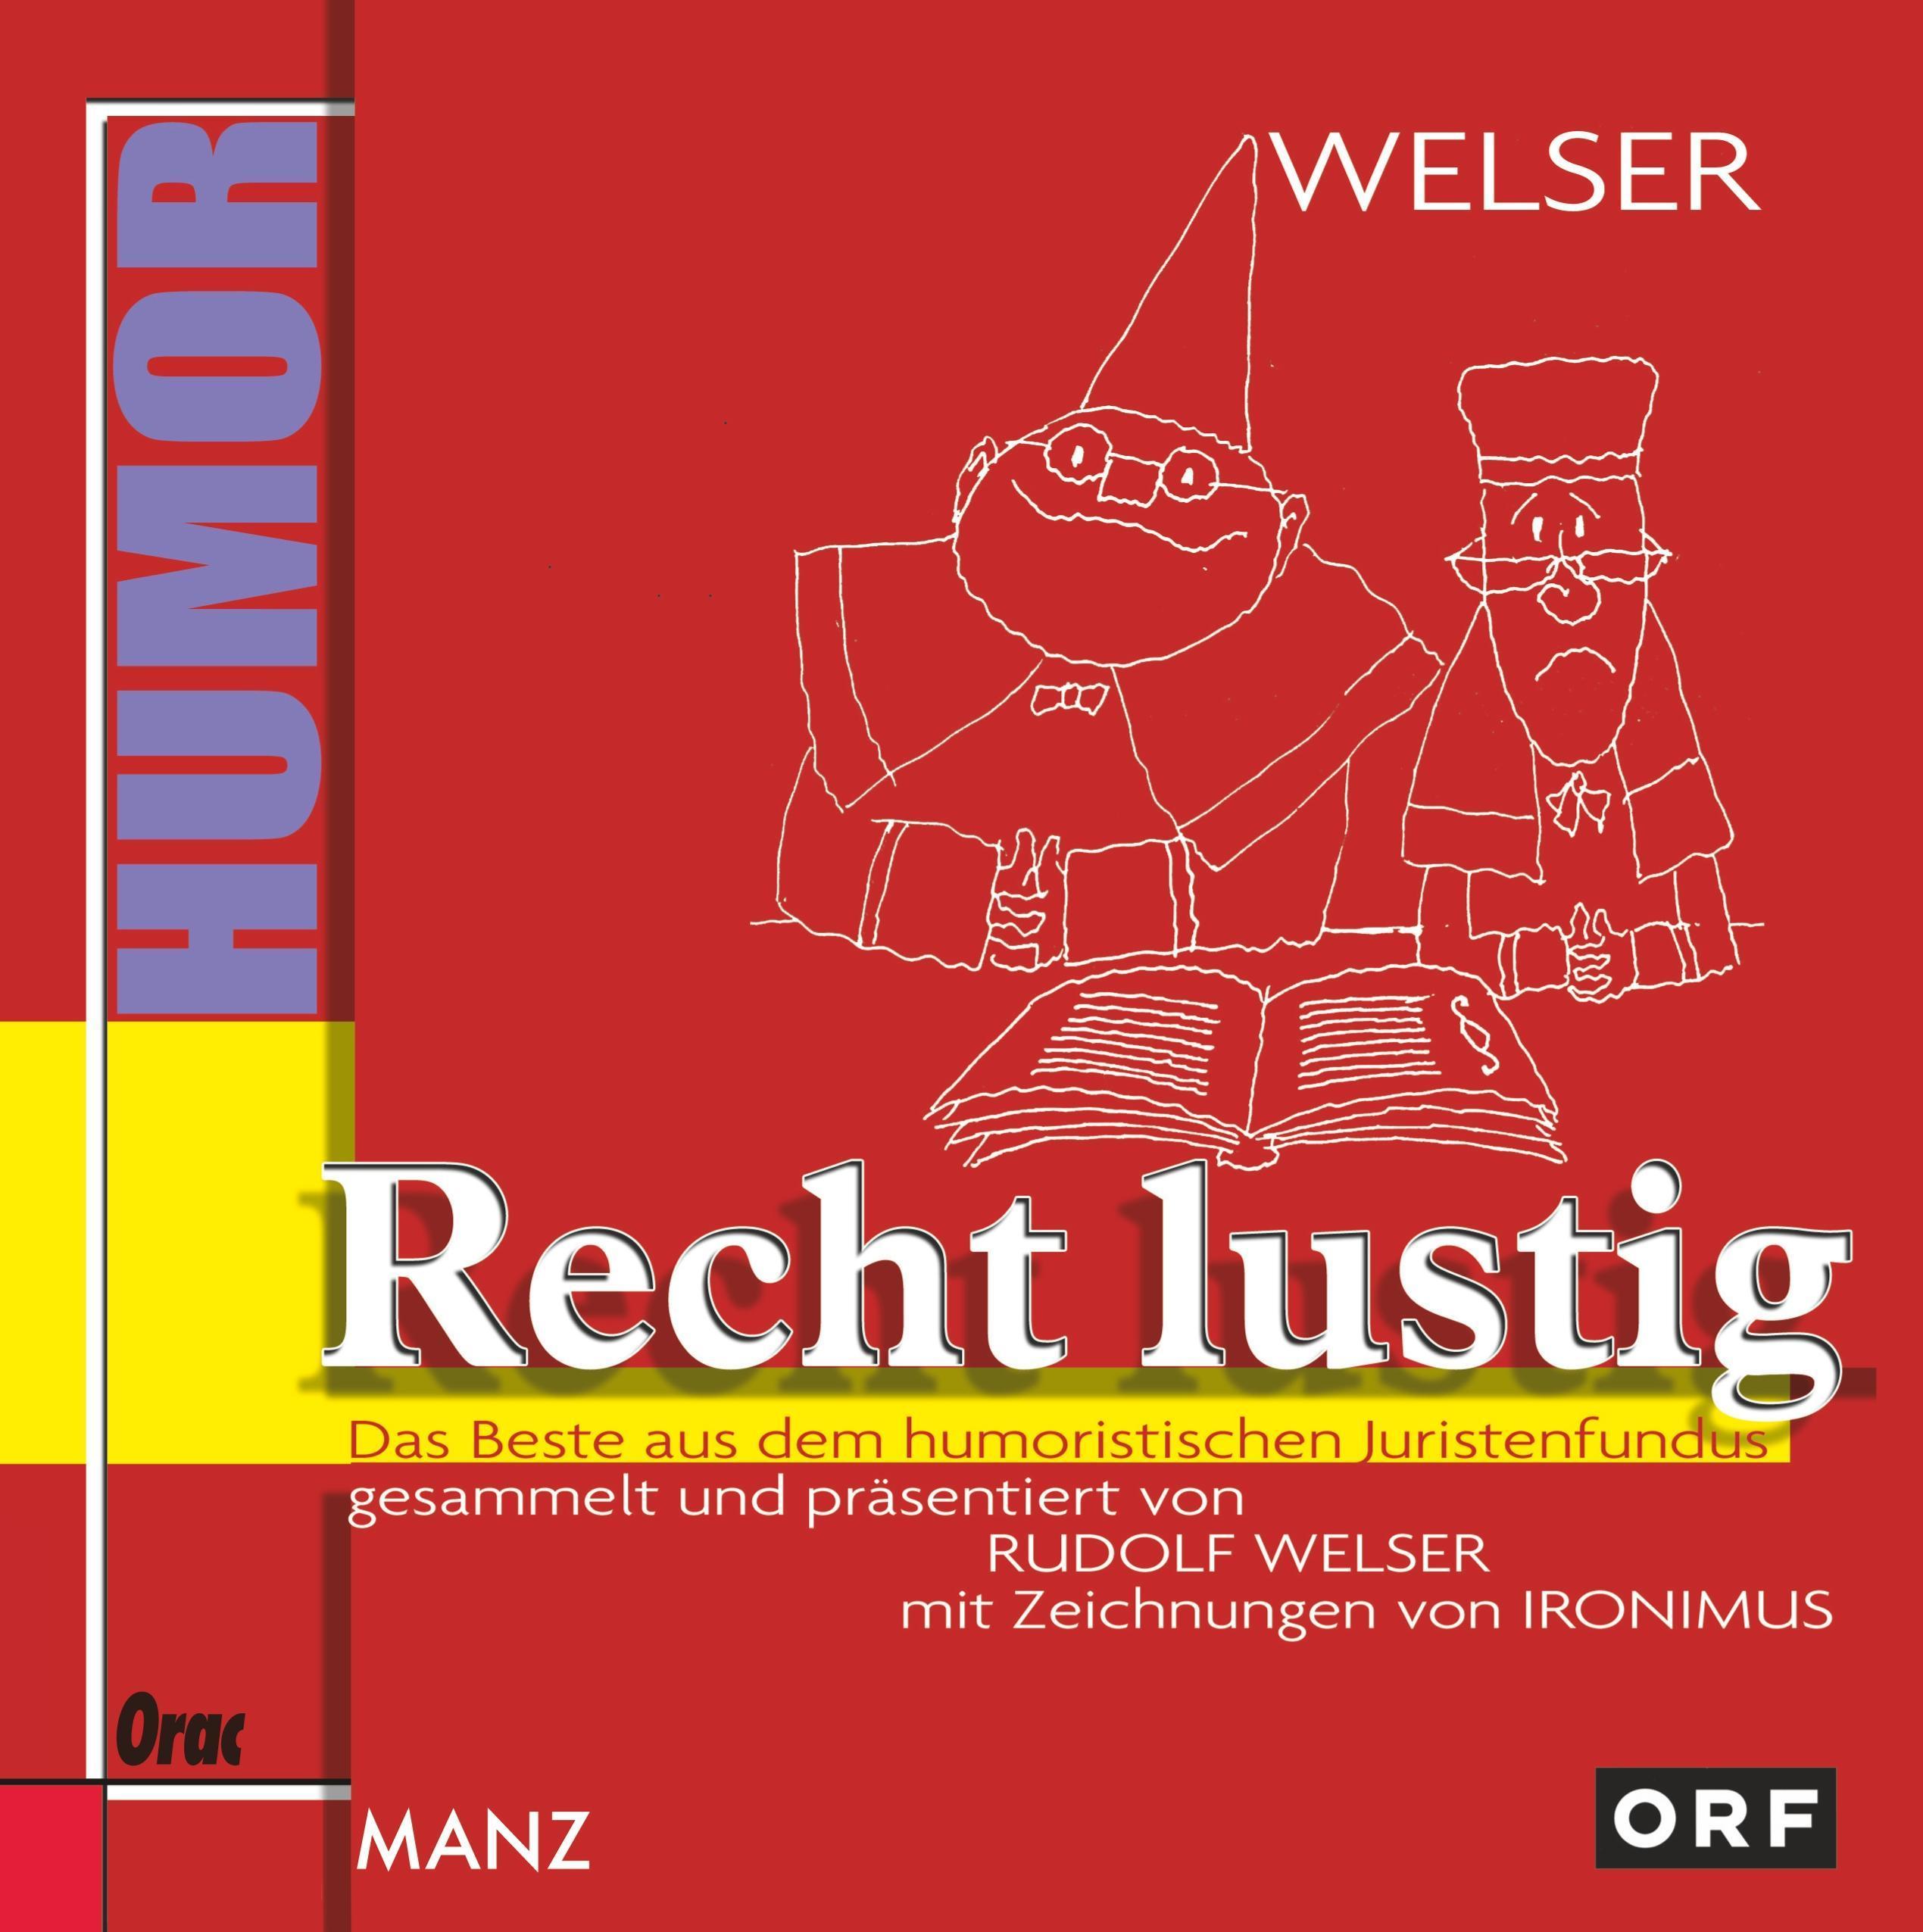 Rudolf Welser ~ Recht lustig. Das Beste aus dem humorischen Ju ... 9783701504459